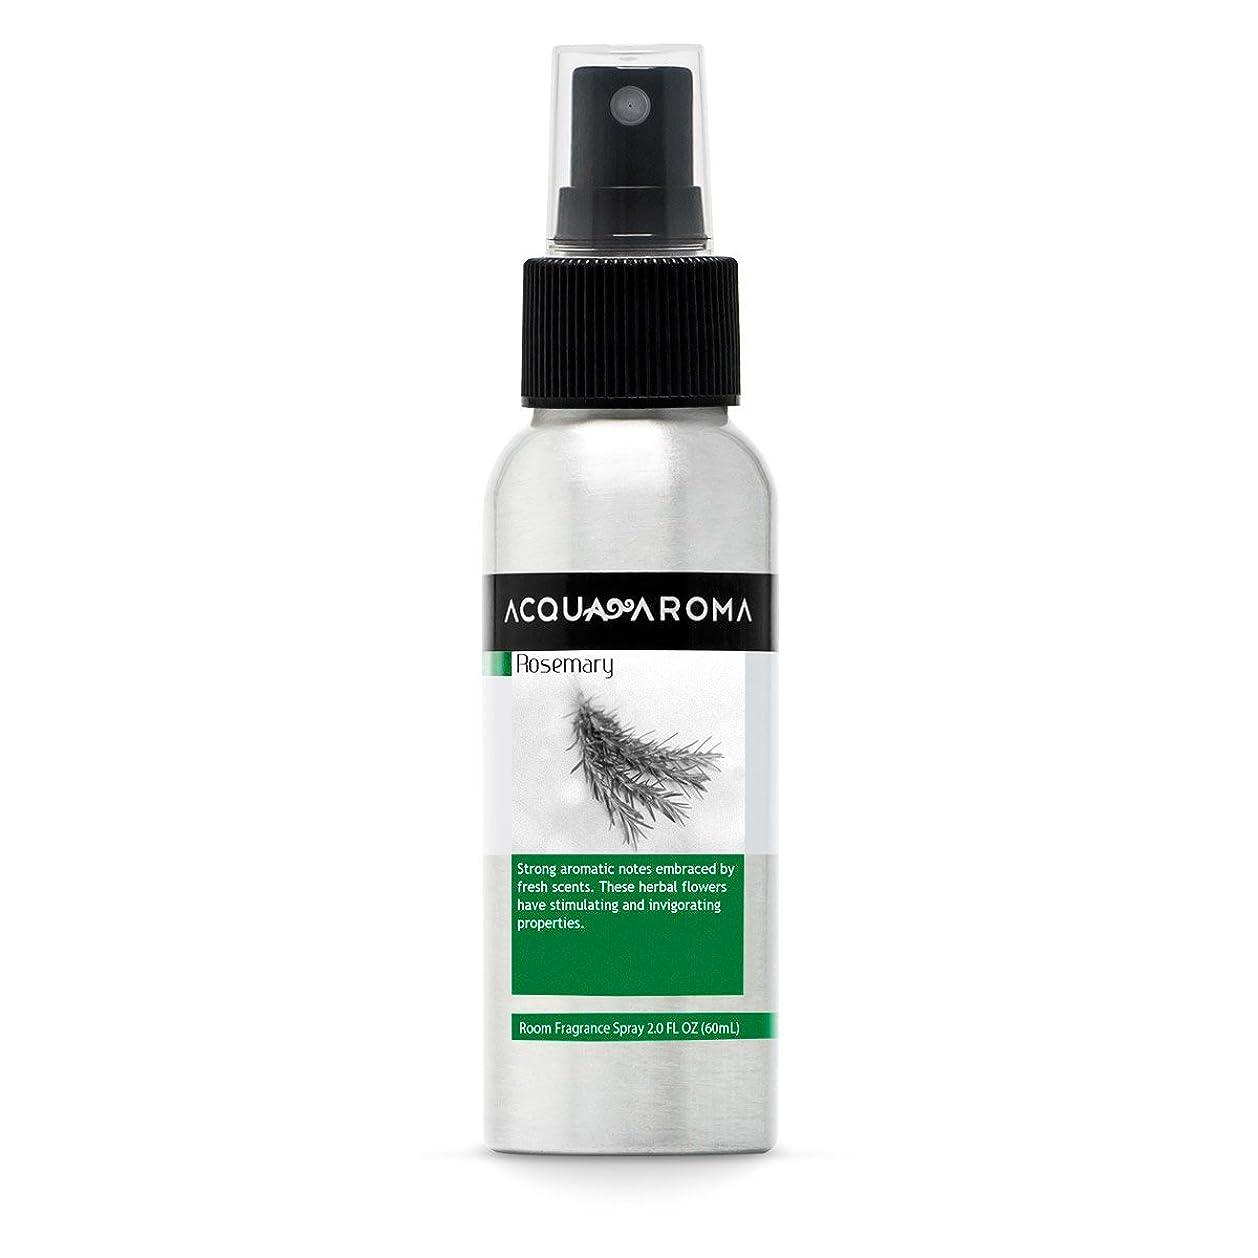 騒ぎりんご覚えているAcquaアロマローズマリーRoom Fragranceスプレー2.0?FL OZ ( 60ml )